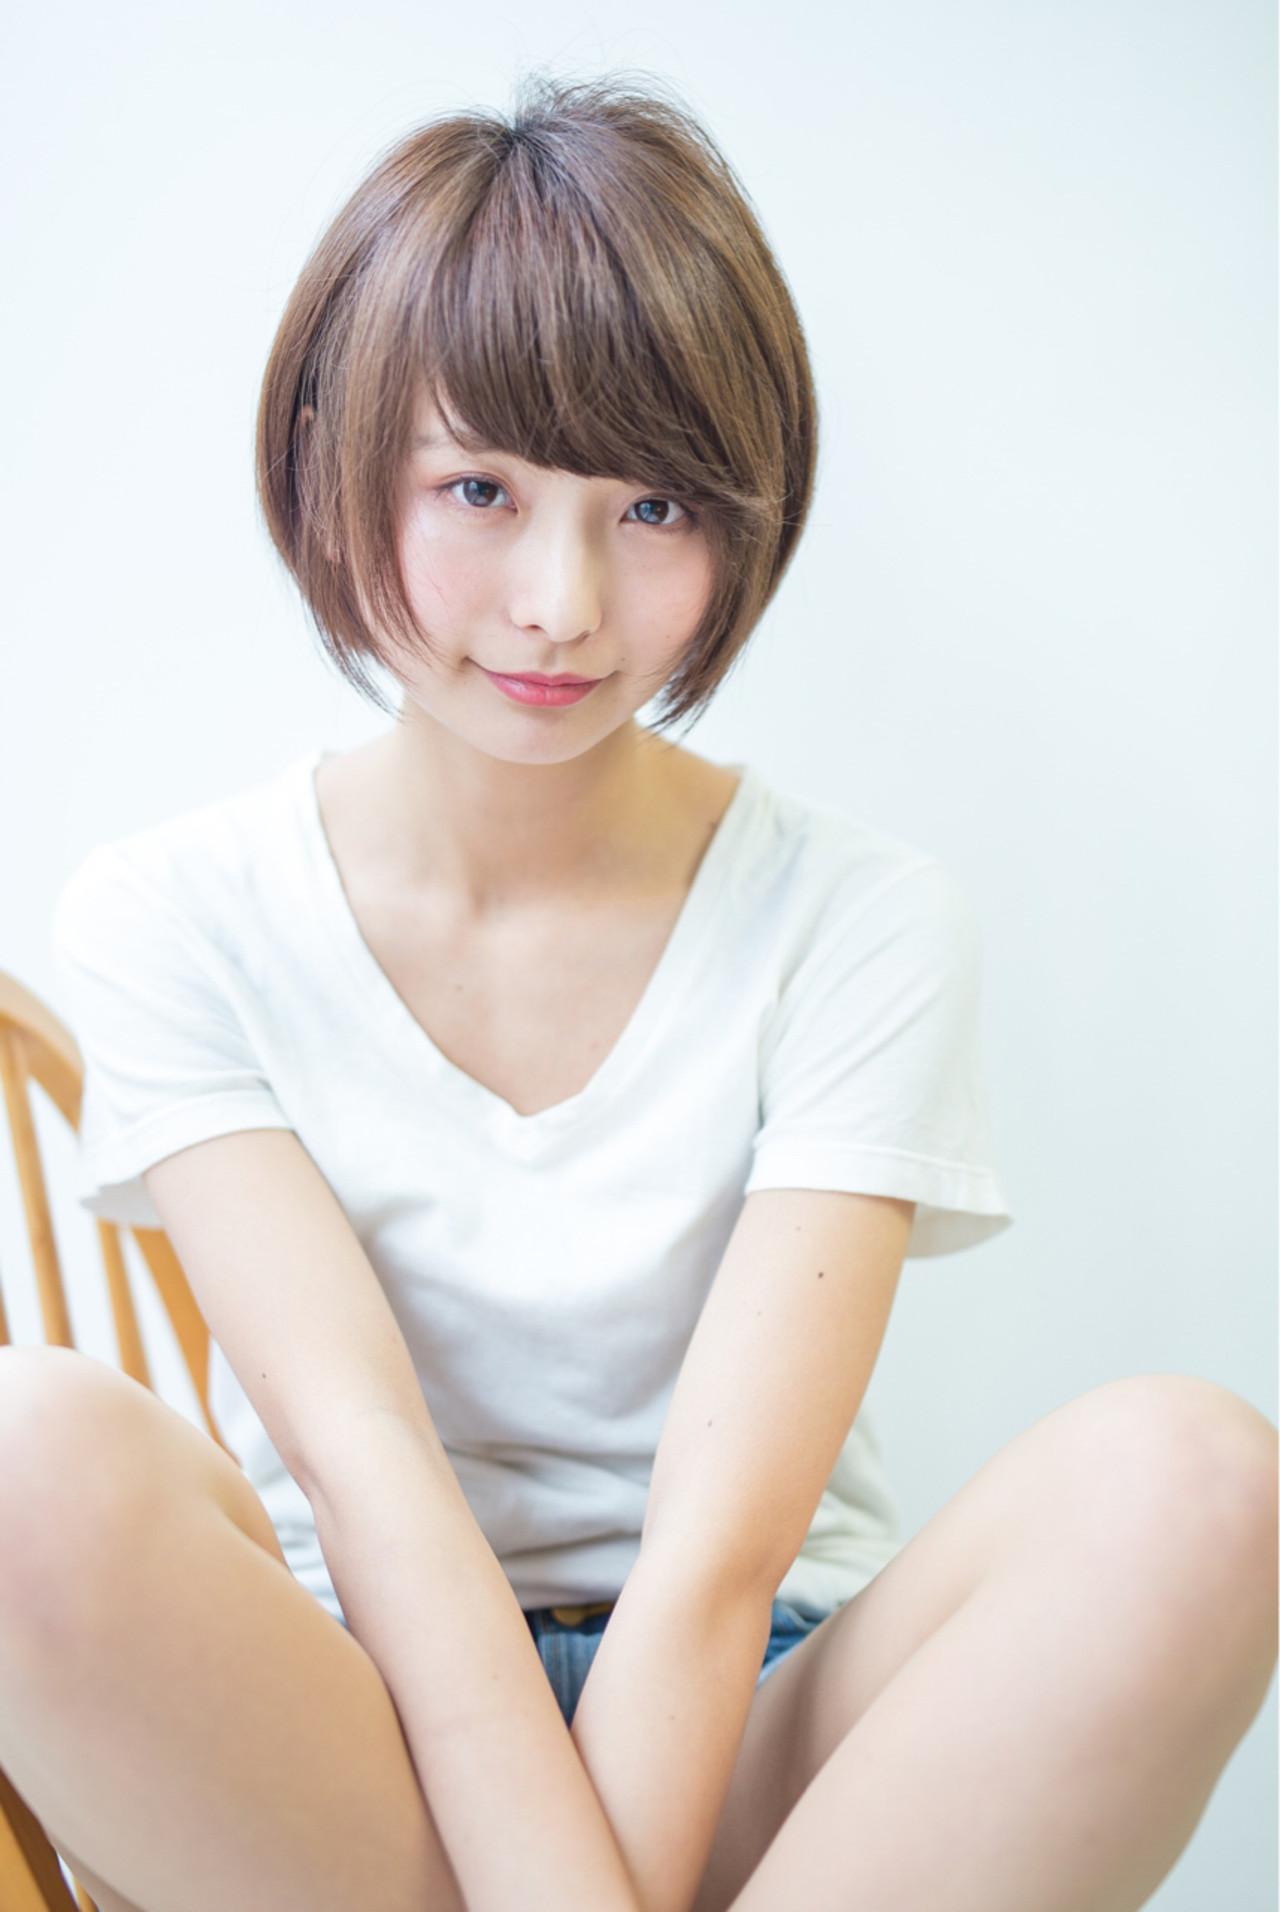 大人女子 小顔 こなれ感 ストレート ヘアスタイルや髪型の写真・画像 | Fringe 染谷正 / Fringe Hair Salon